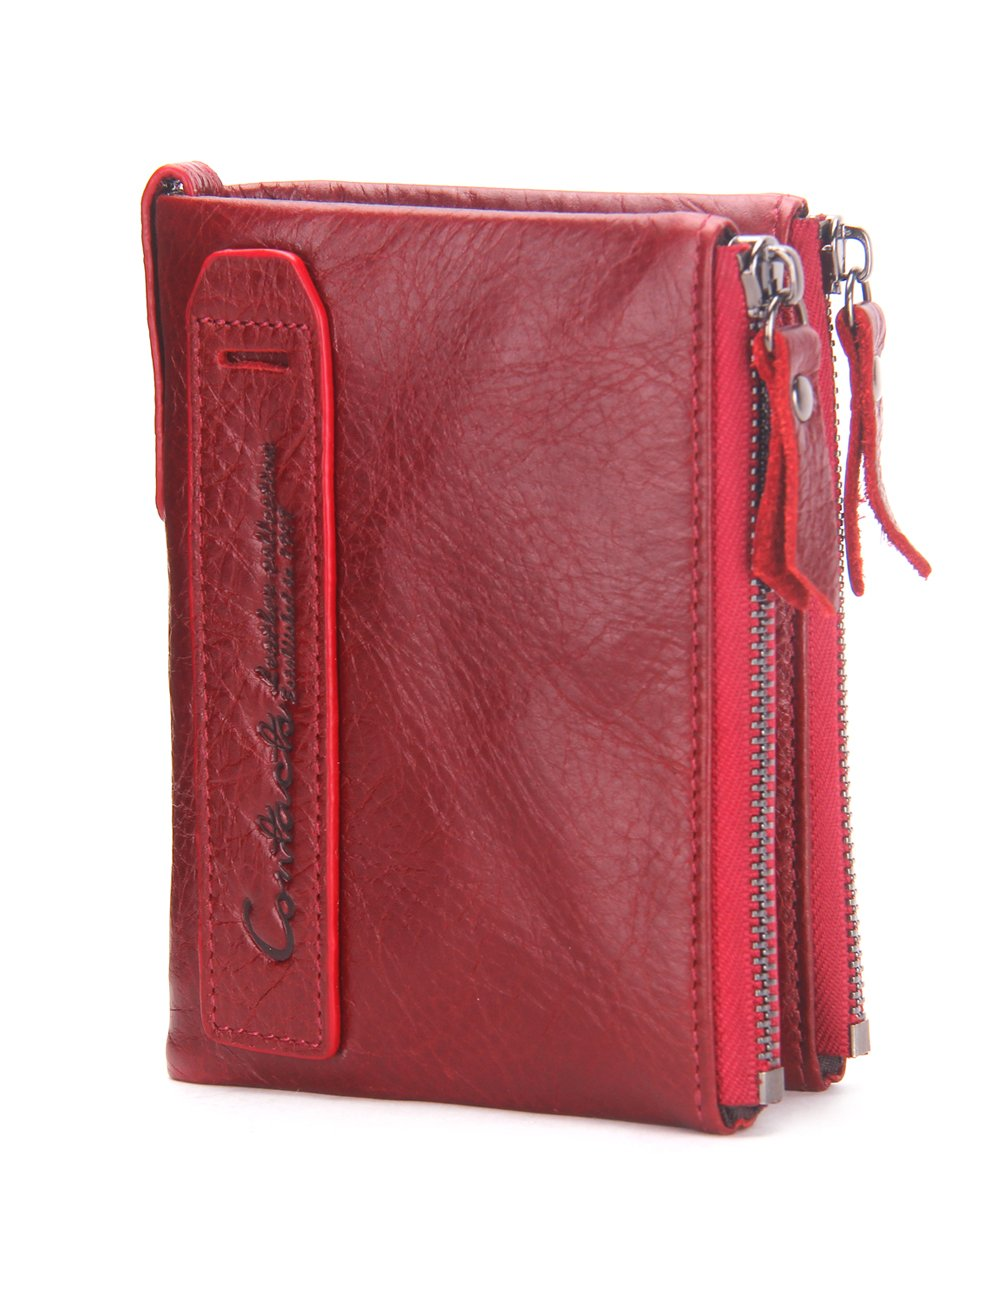 Herren Echtes Leder-Bifold Wallet Doppelreiß verschlusstasche Geldbö rse Braun 10454423